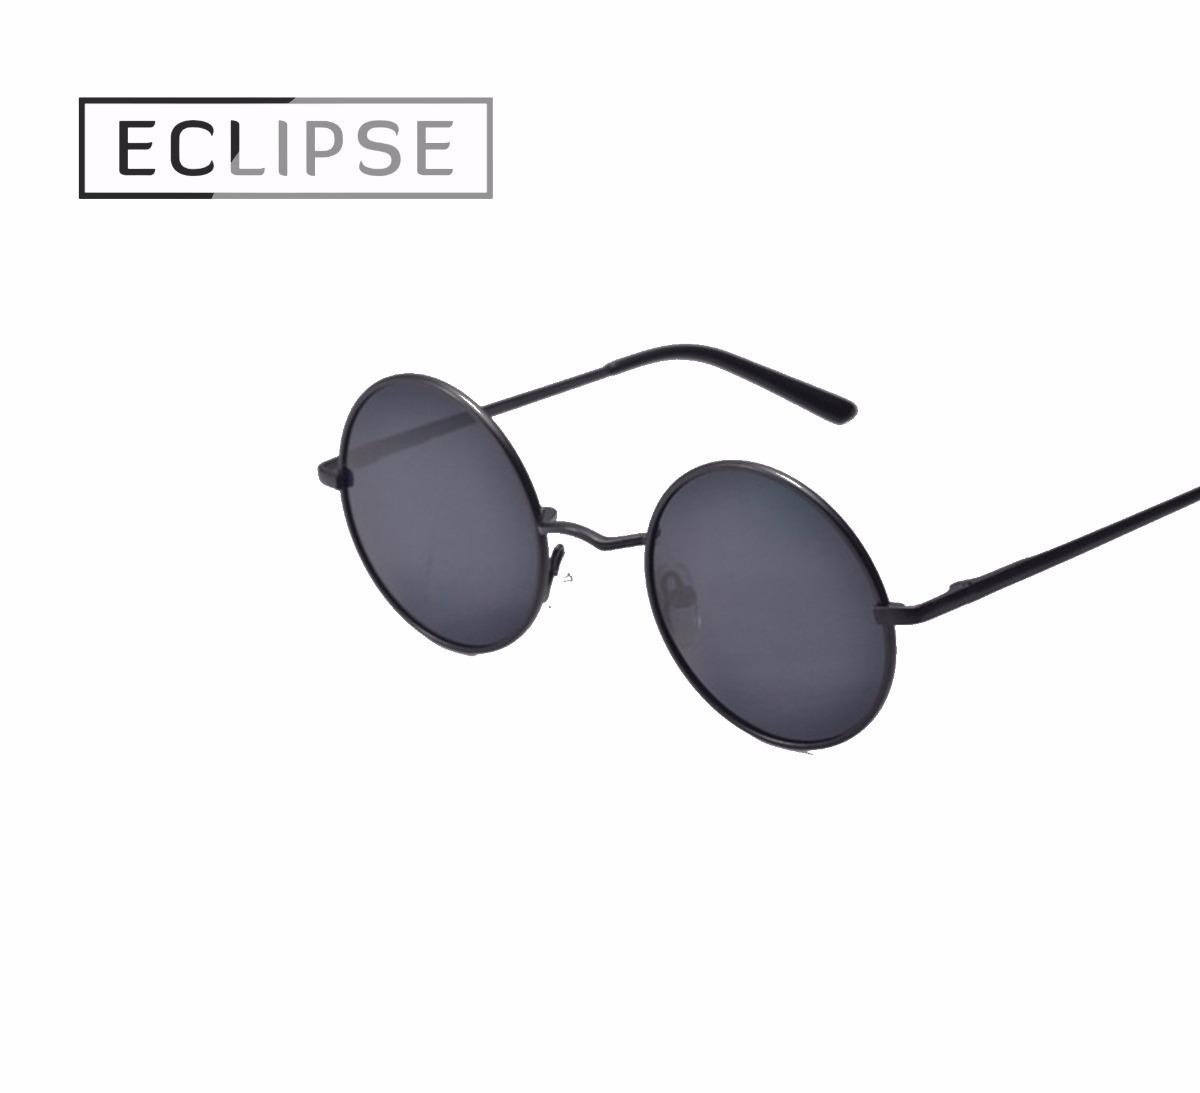 Óculos De Sol Redondo John Lennon Pequeno - R  69,90 em Mercado Livre 9df5f15a2e